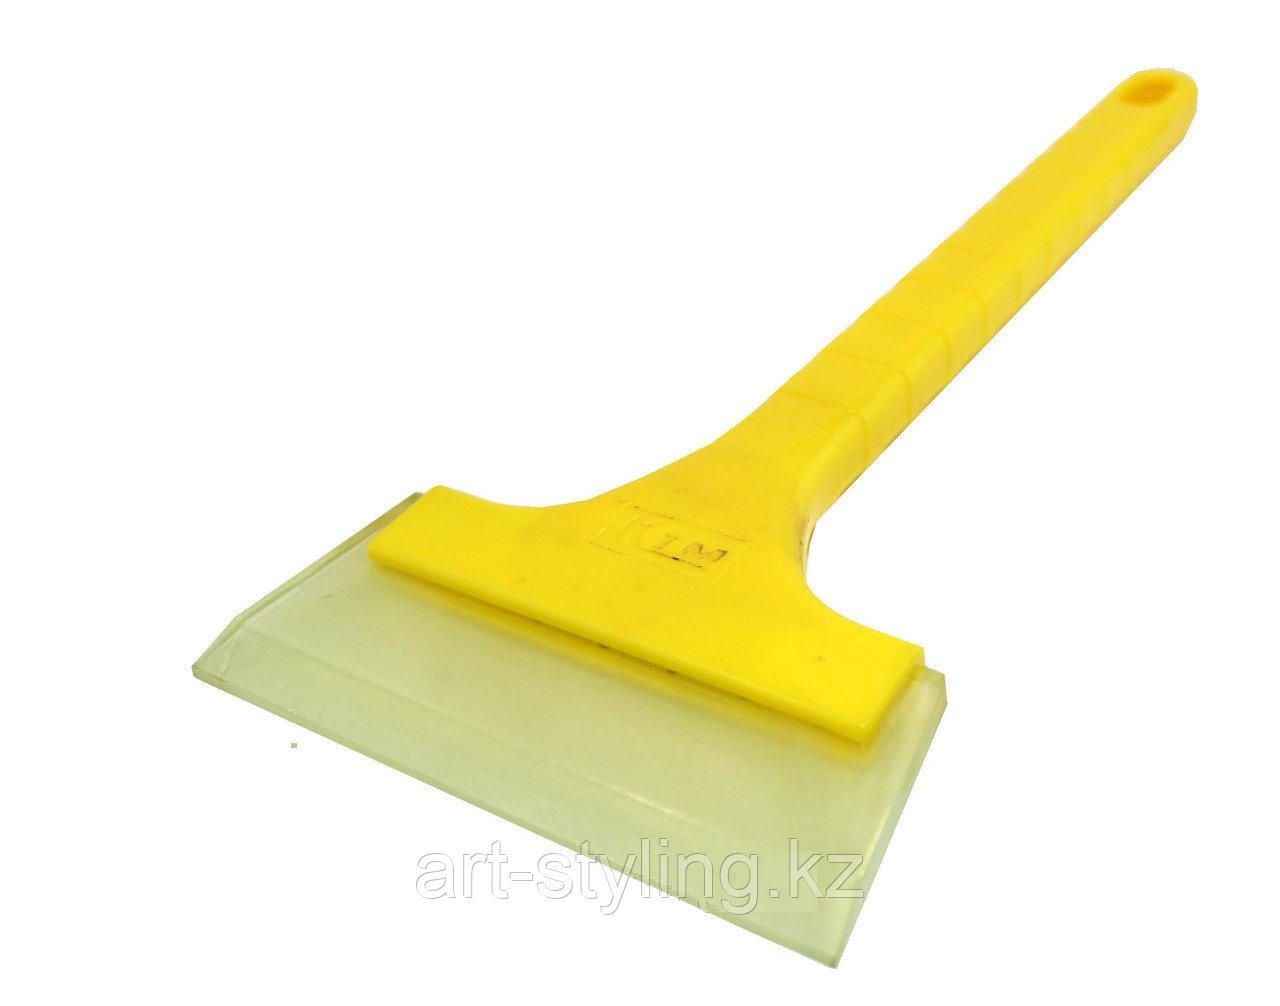 Желтая выгонка с длинной ручкой